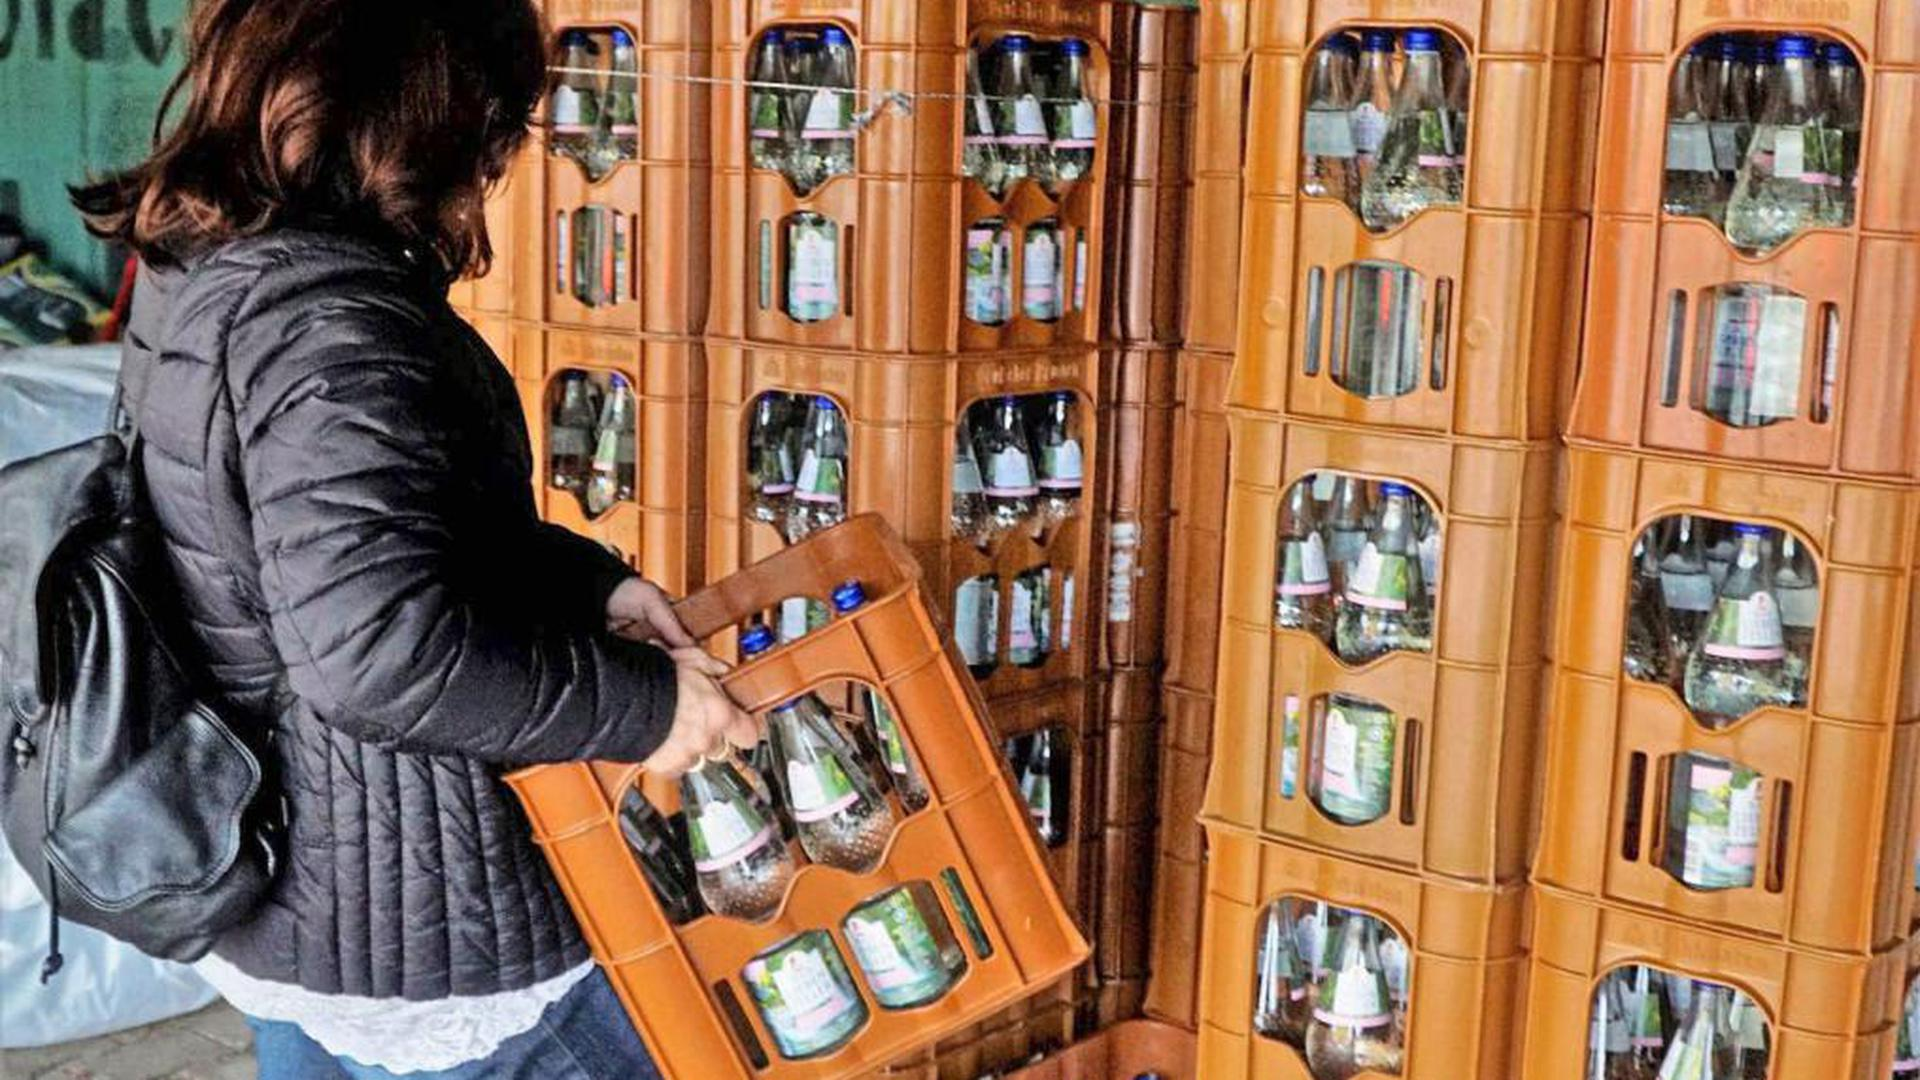 Lieber aus der Flasche als aus dem Hahn: Im Hotel Krone können sich Bewohner von Förch mit kostenlosem Mineralwasser eindecken. Das Gesundheitsamt hat Risikogruppen davor gewarnt, Leitungswasser zu trinken.